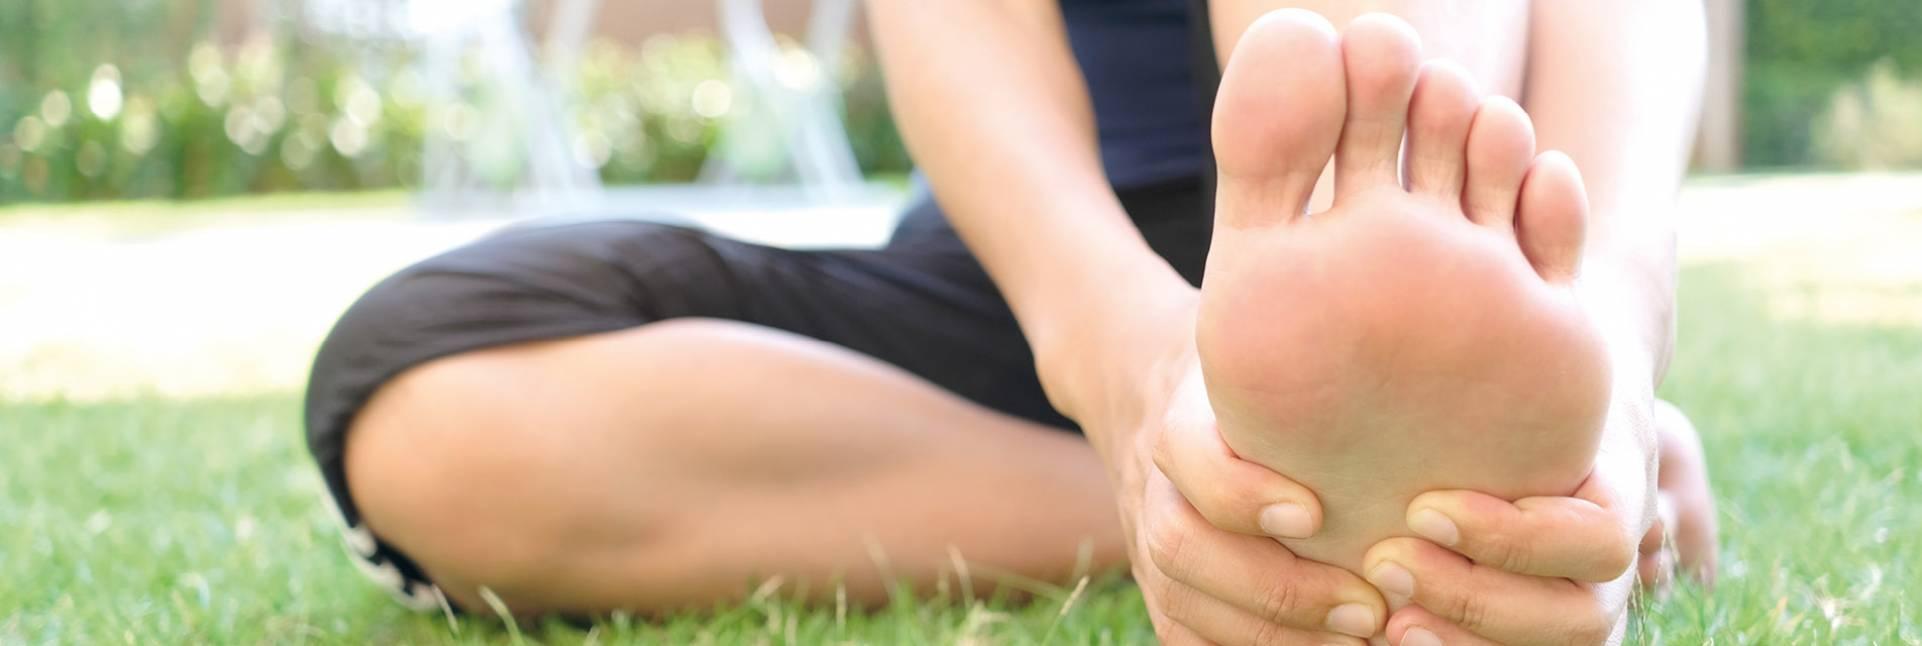 ¿Cómo afecta la diabetes a los pies?